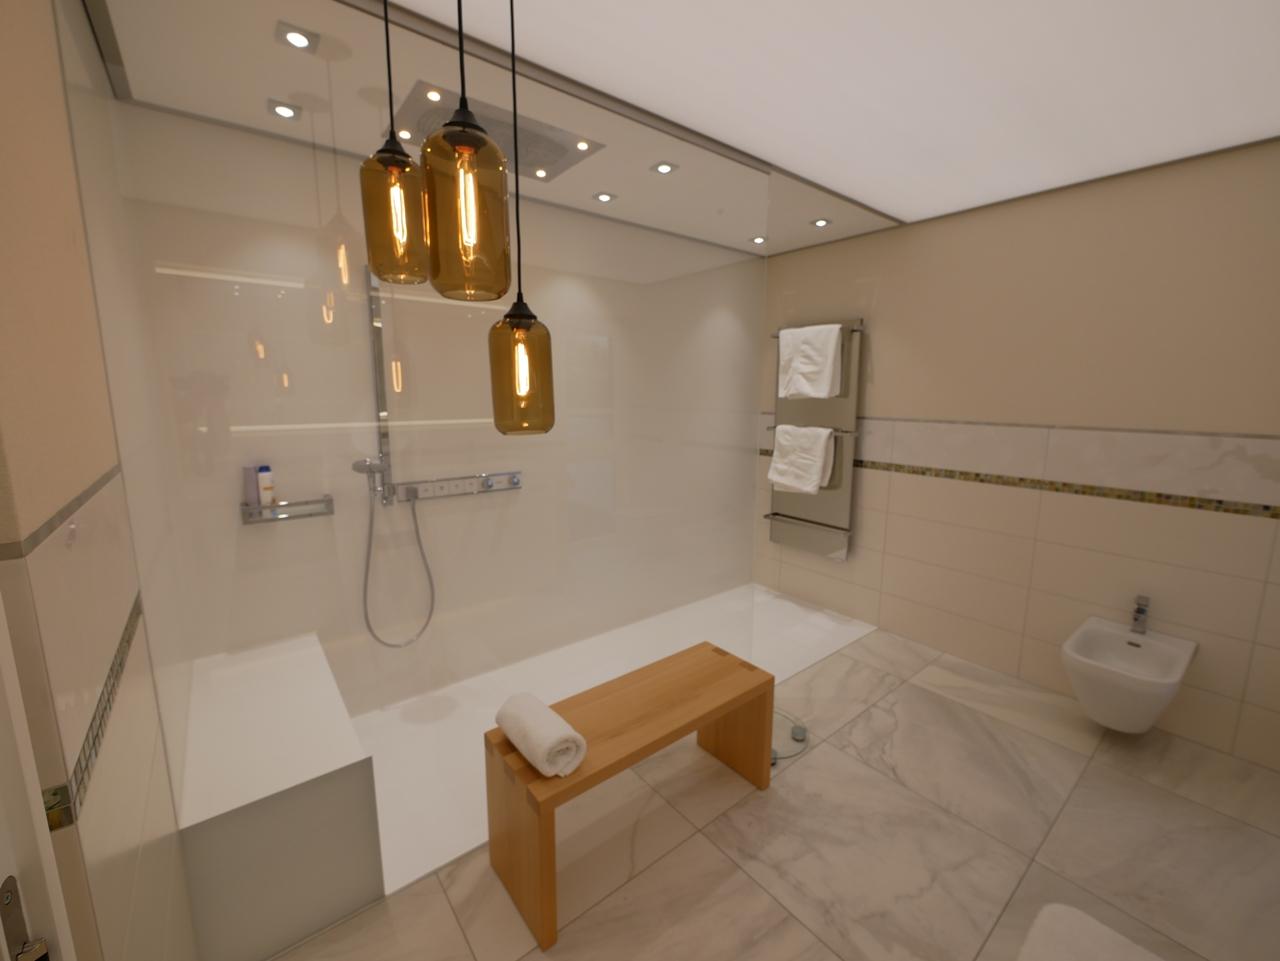 Exklusive Bäder & Luxusbäder mit außergewöhnlich schönem Bad ...